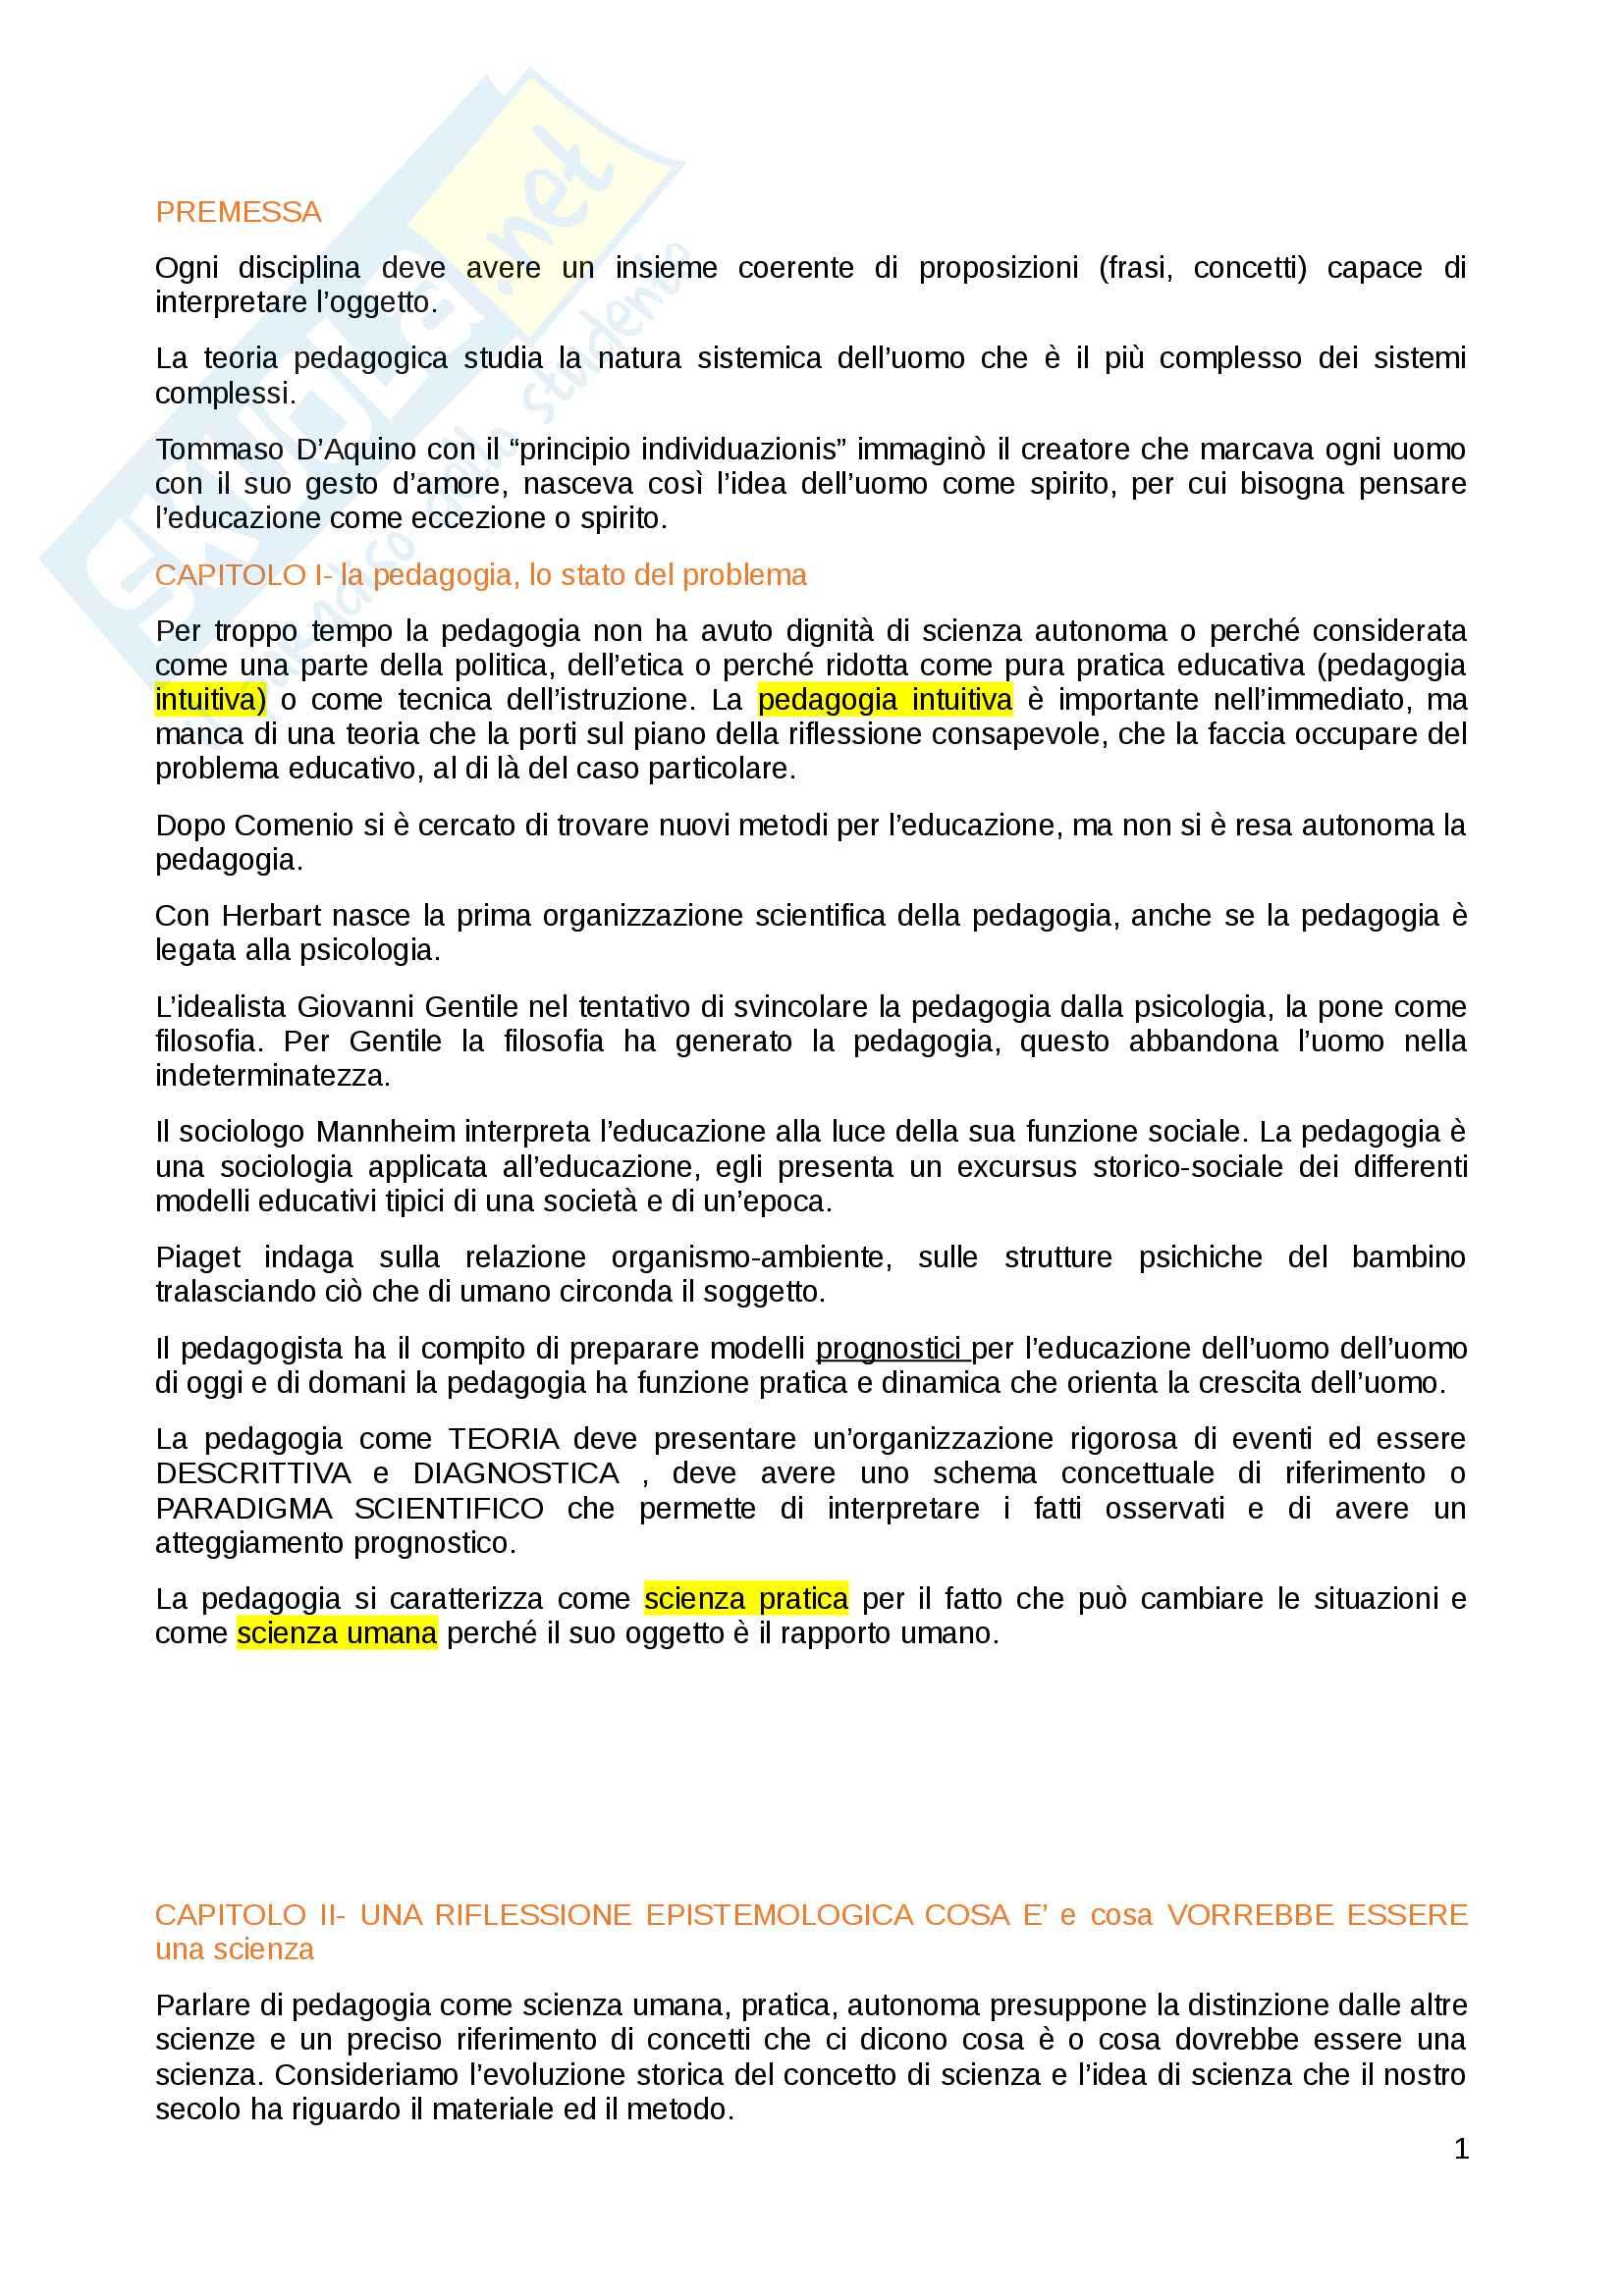 """Riassunto esame pedagogia generale, prof. Michele Corsi, libro consigliato """"Come pensare l'educazione. Verso una pedagogia come scienza"""" , Michele Corsi."""